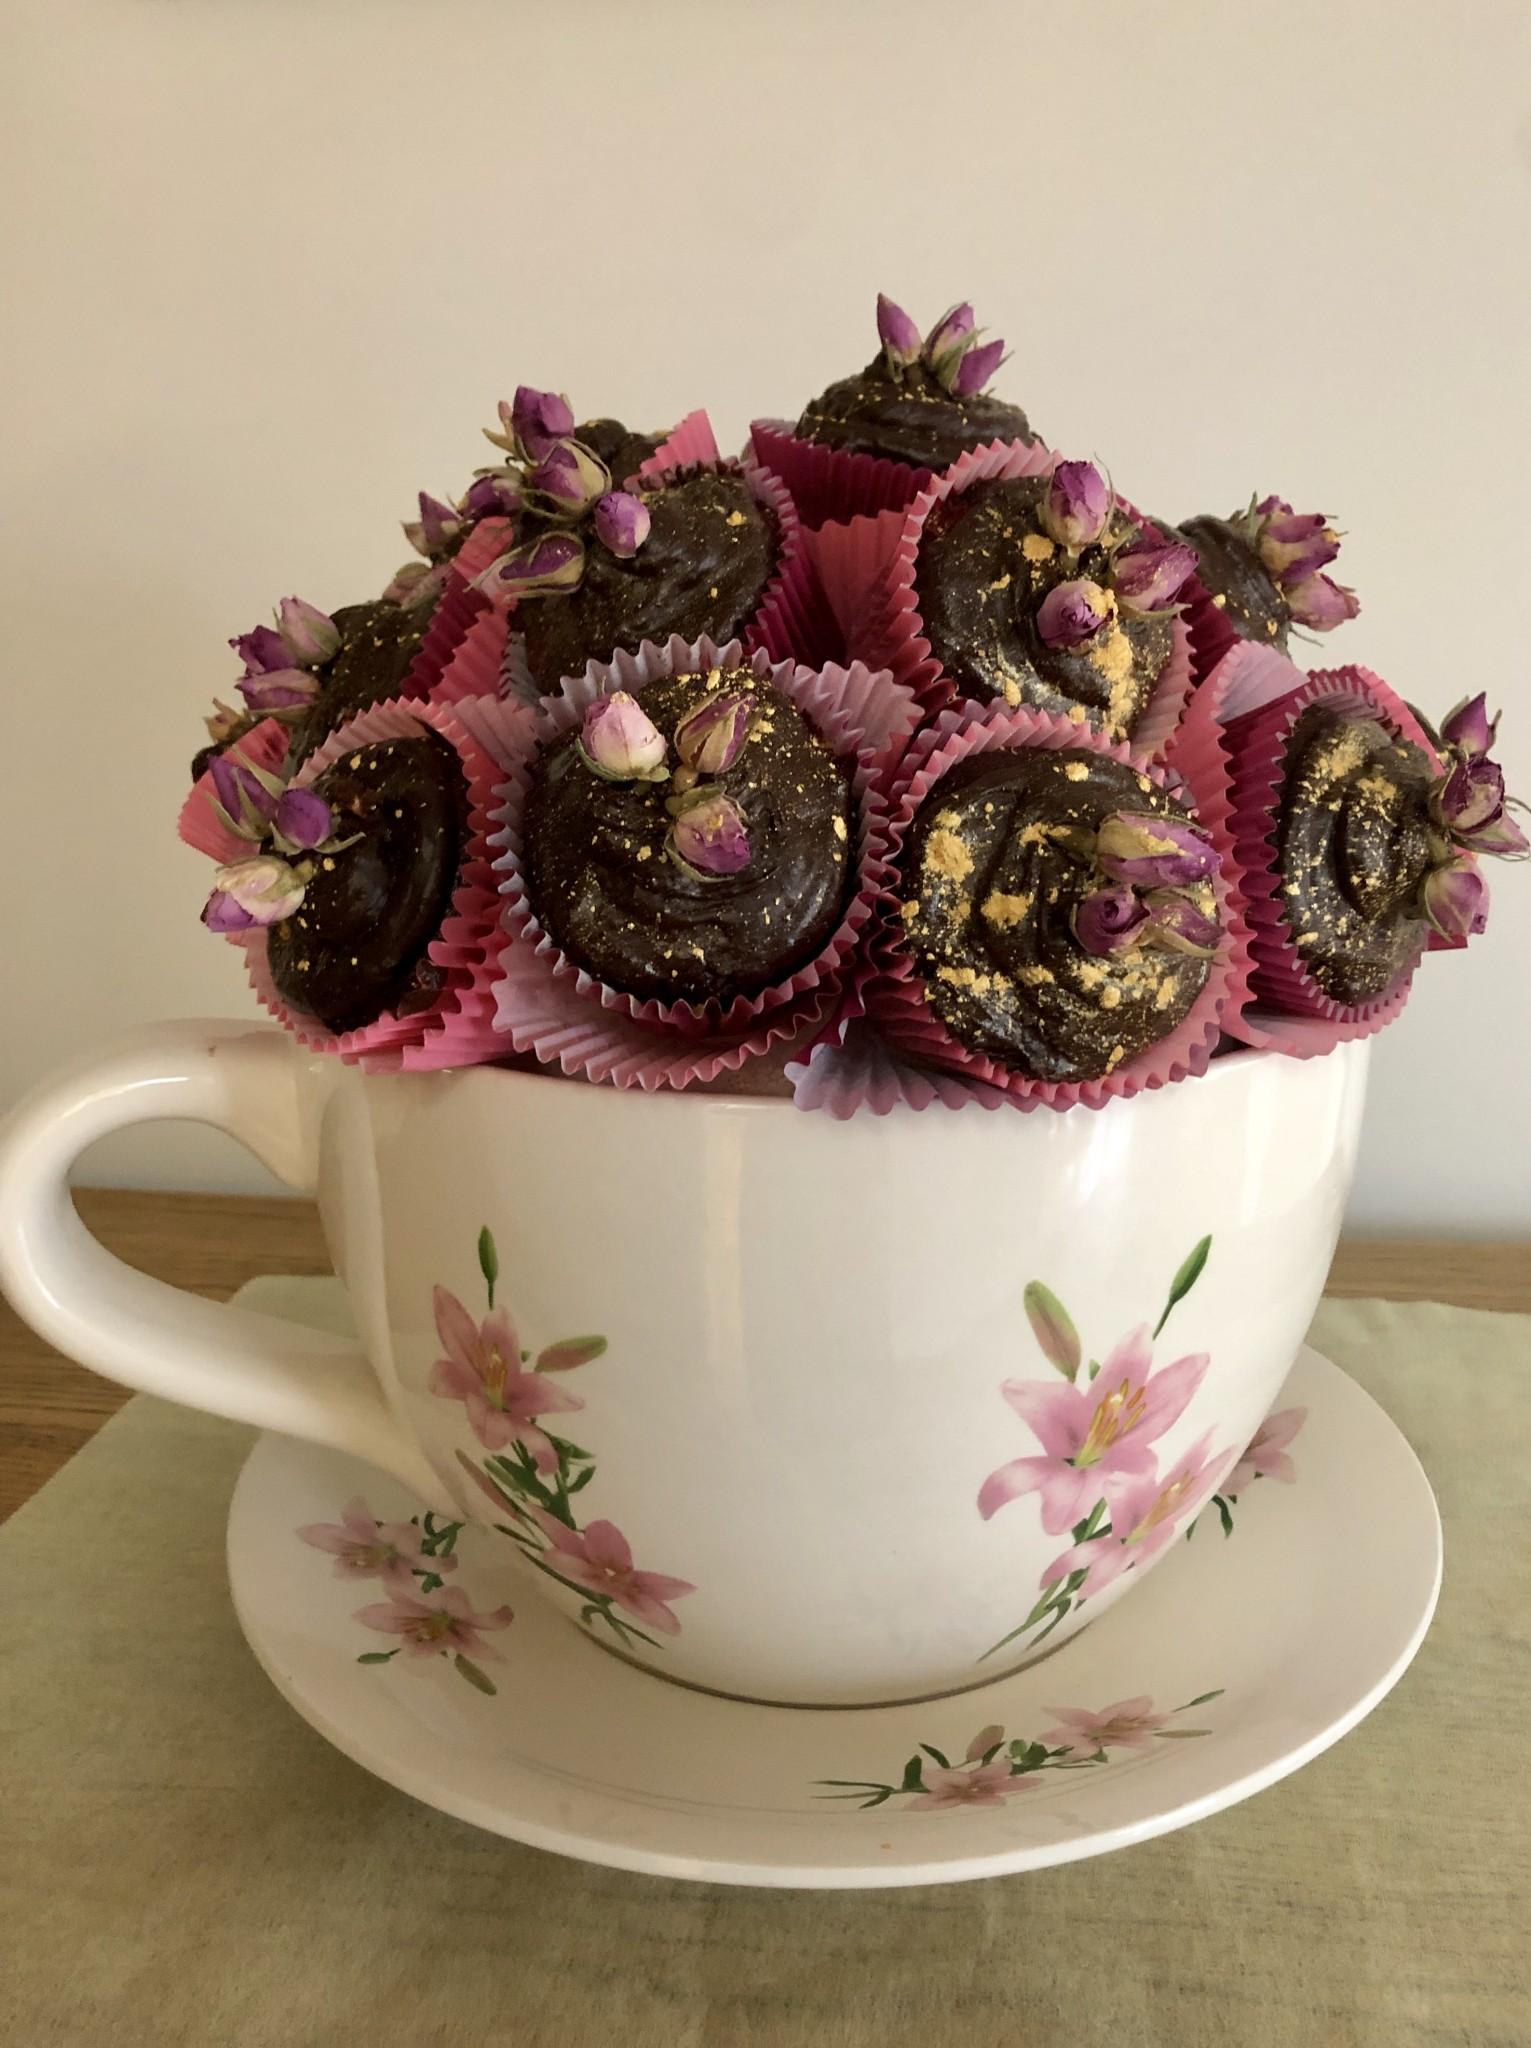 Cupcake Teacup Cake